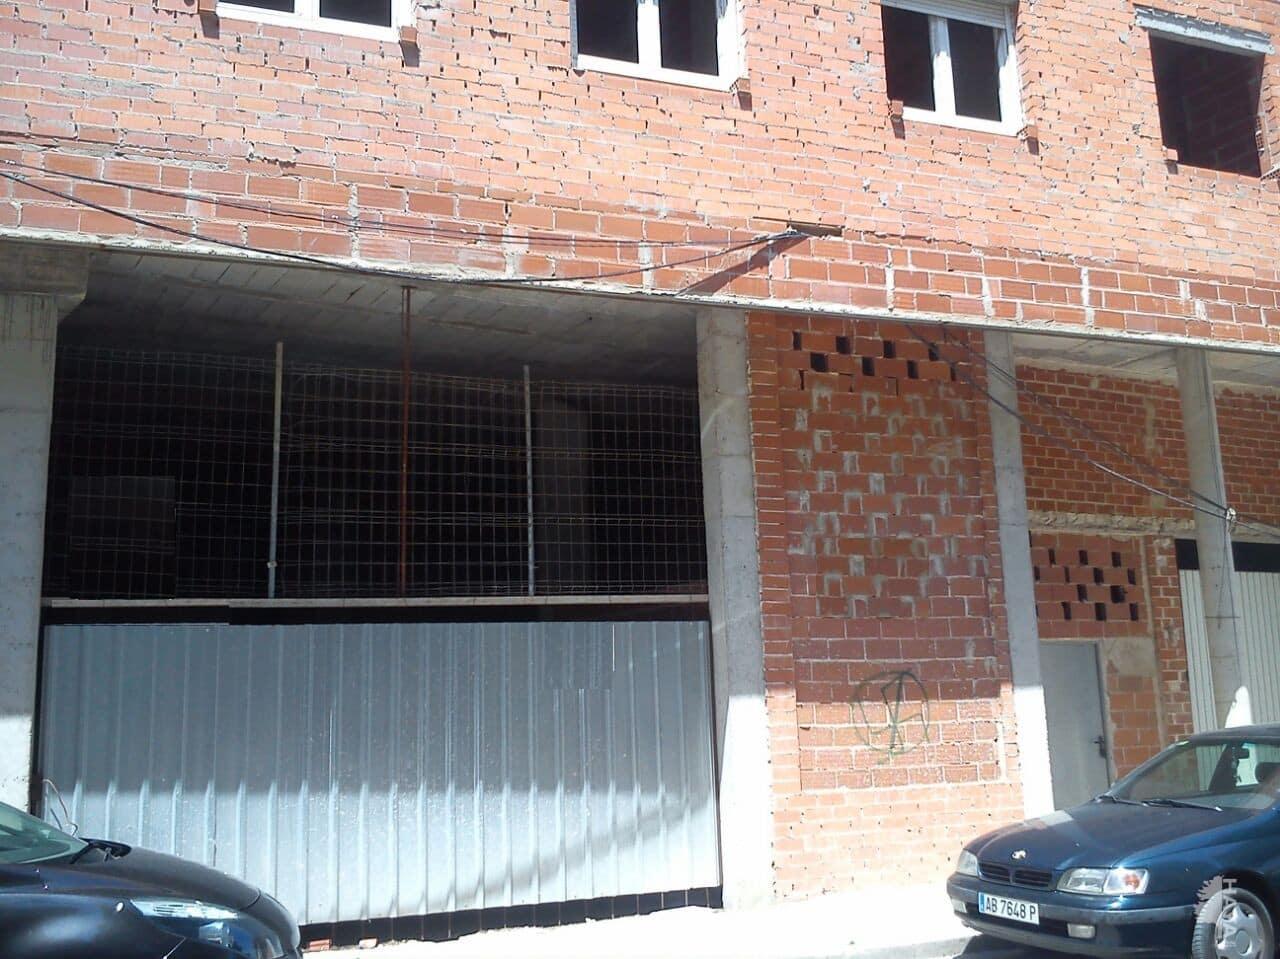 Piso en venta en La Roda, la Roda, Albacete, Paseo Juan Garcia Glz, 34.800 €, 1 habitación, 1 baño, 95 m2